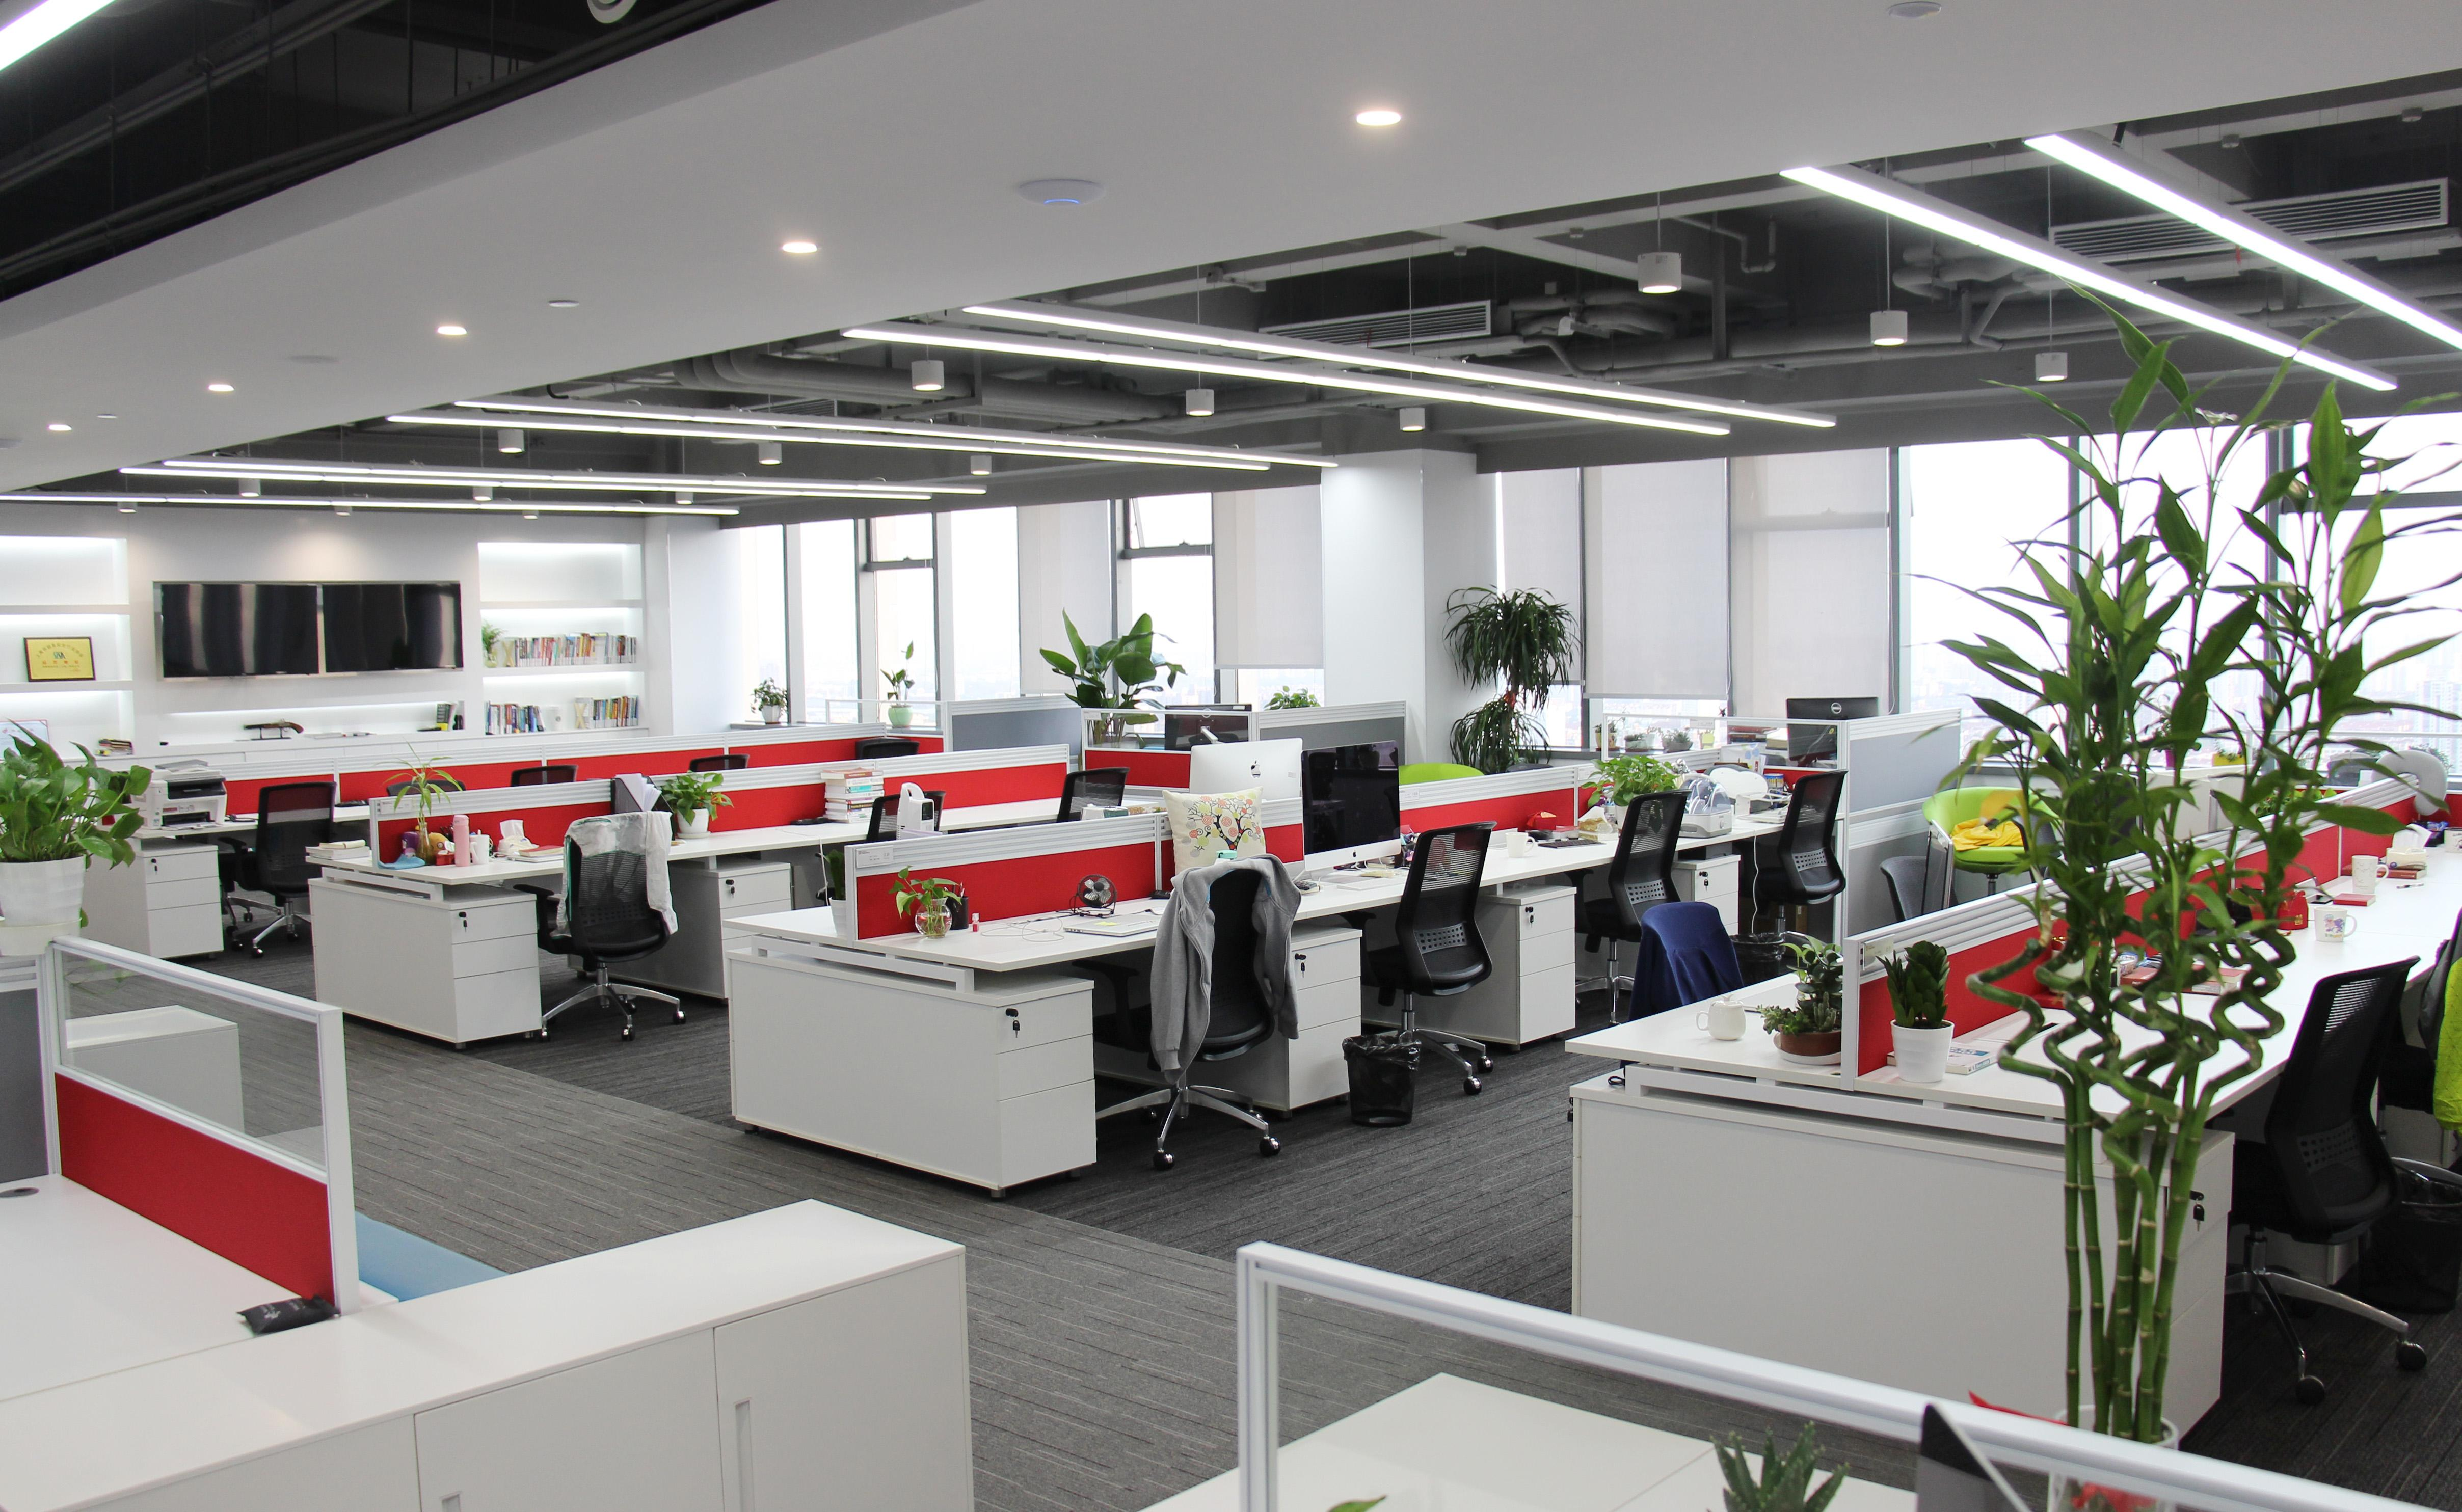 作为企业最重要的门面,办公空间的设计应注意哪些问题?